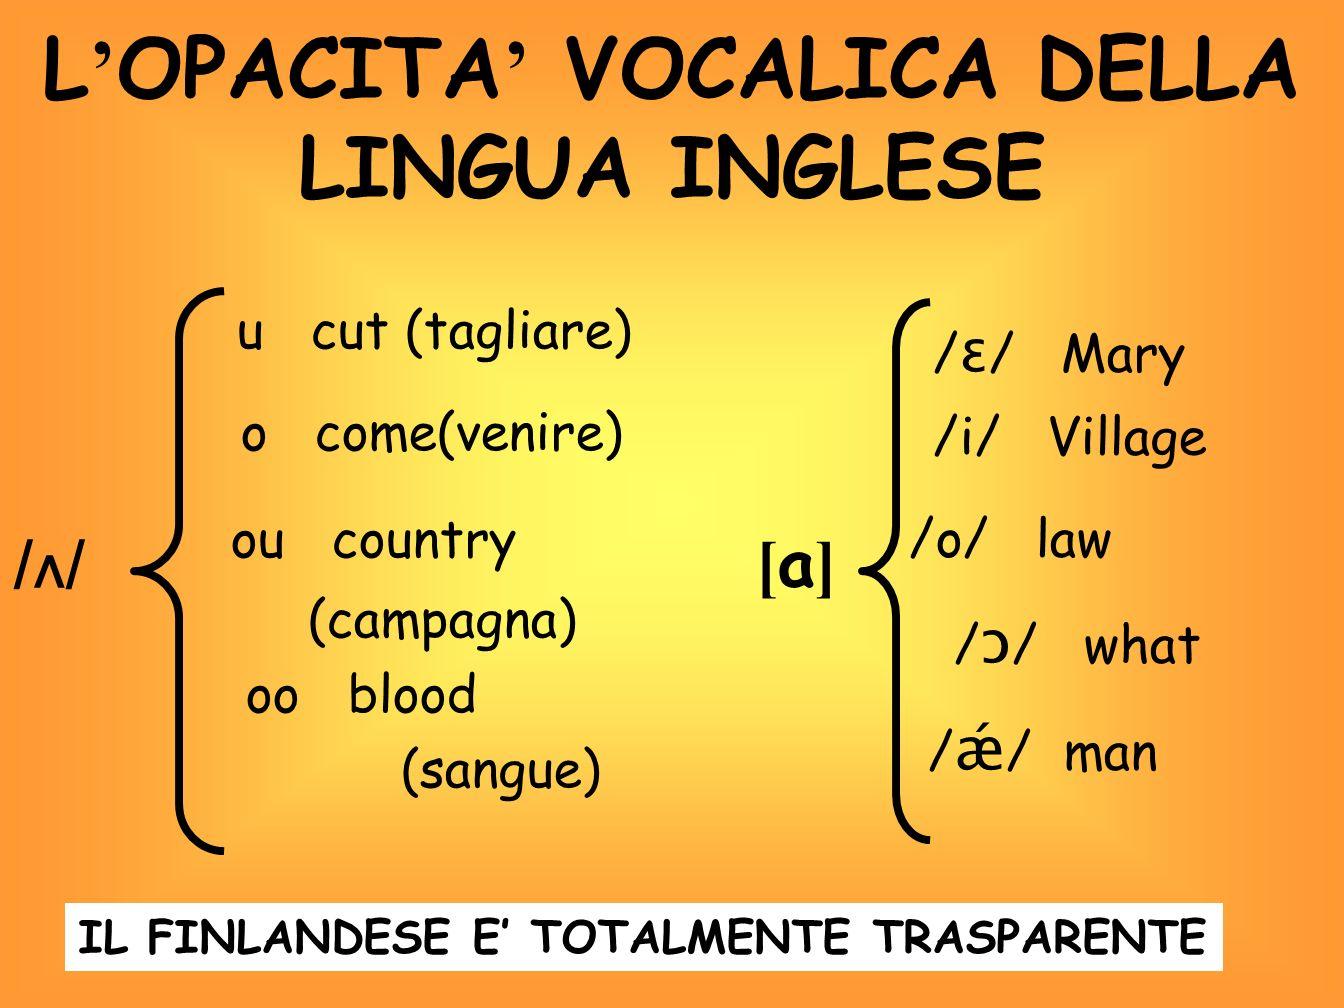 L'OPACITA' VOCALICA DELLA LINGUA INGLESE